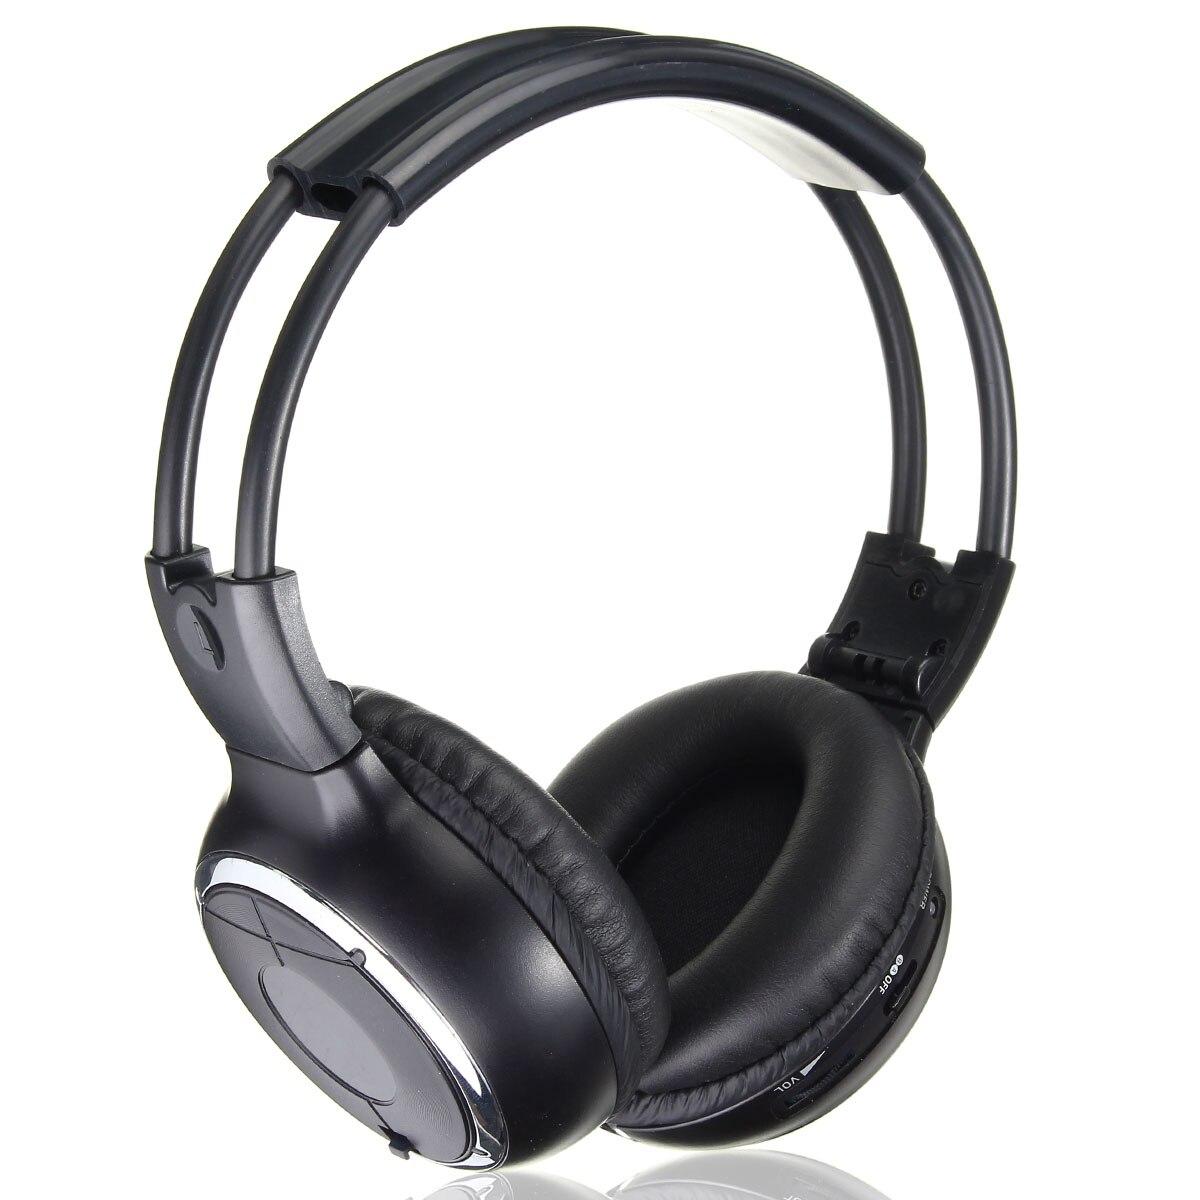 bilder für Universal SUV Auto Hinteren Drahtlosen IR kopfhörer Faltbare Stereo Headset Kopfhörer Zwei Kanal Für PC DVD